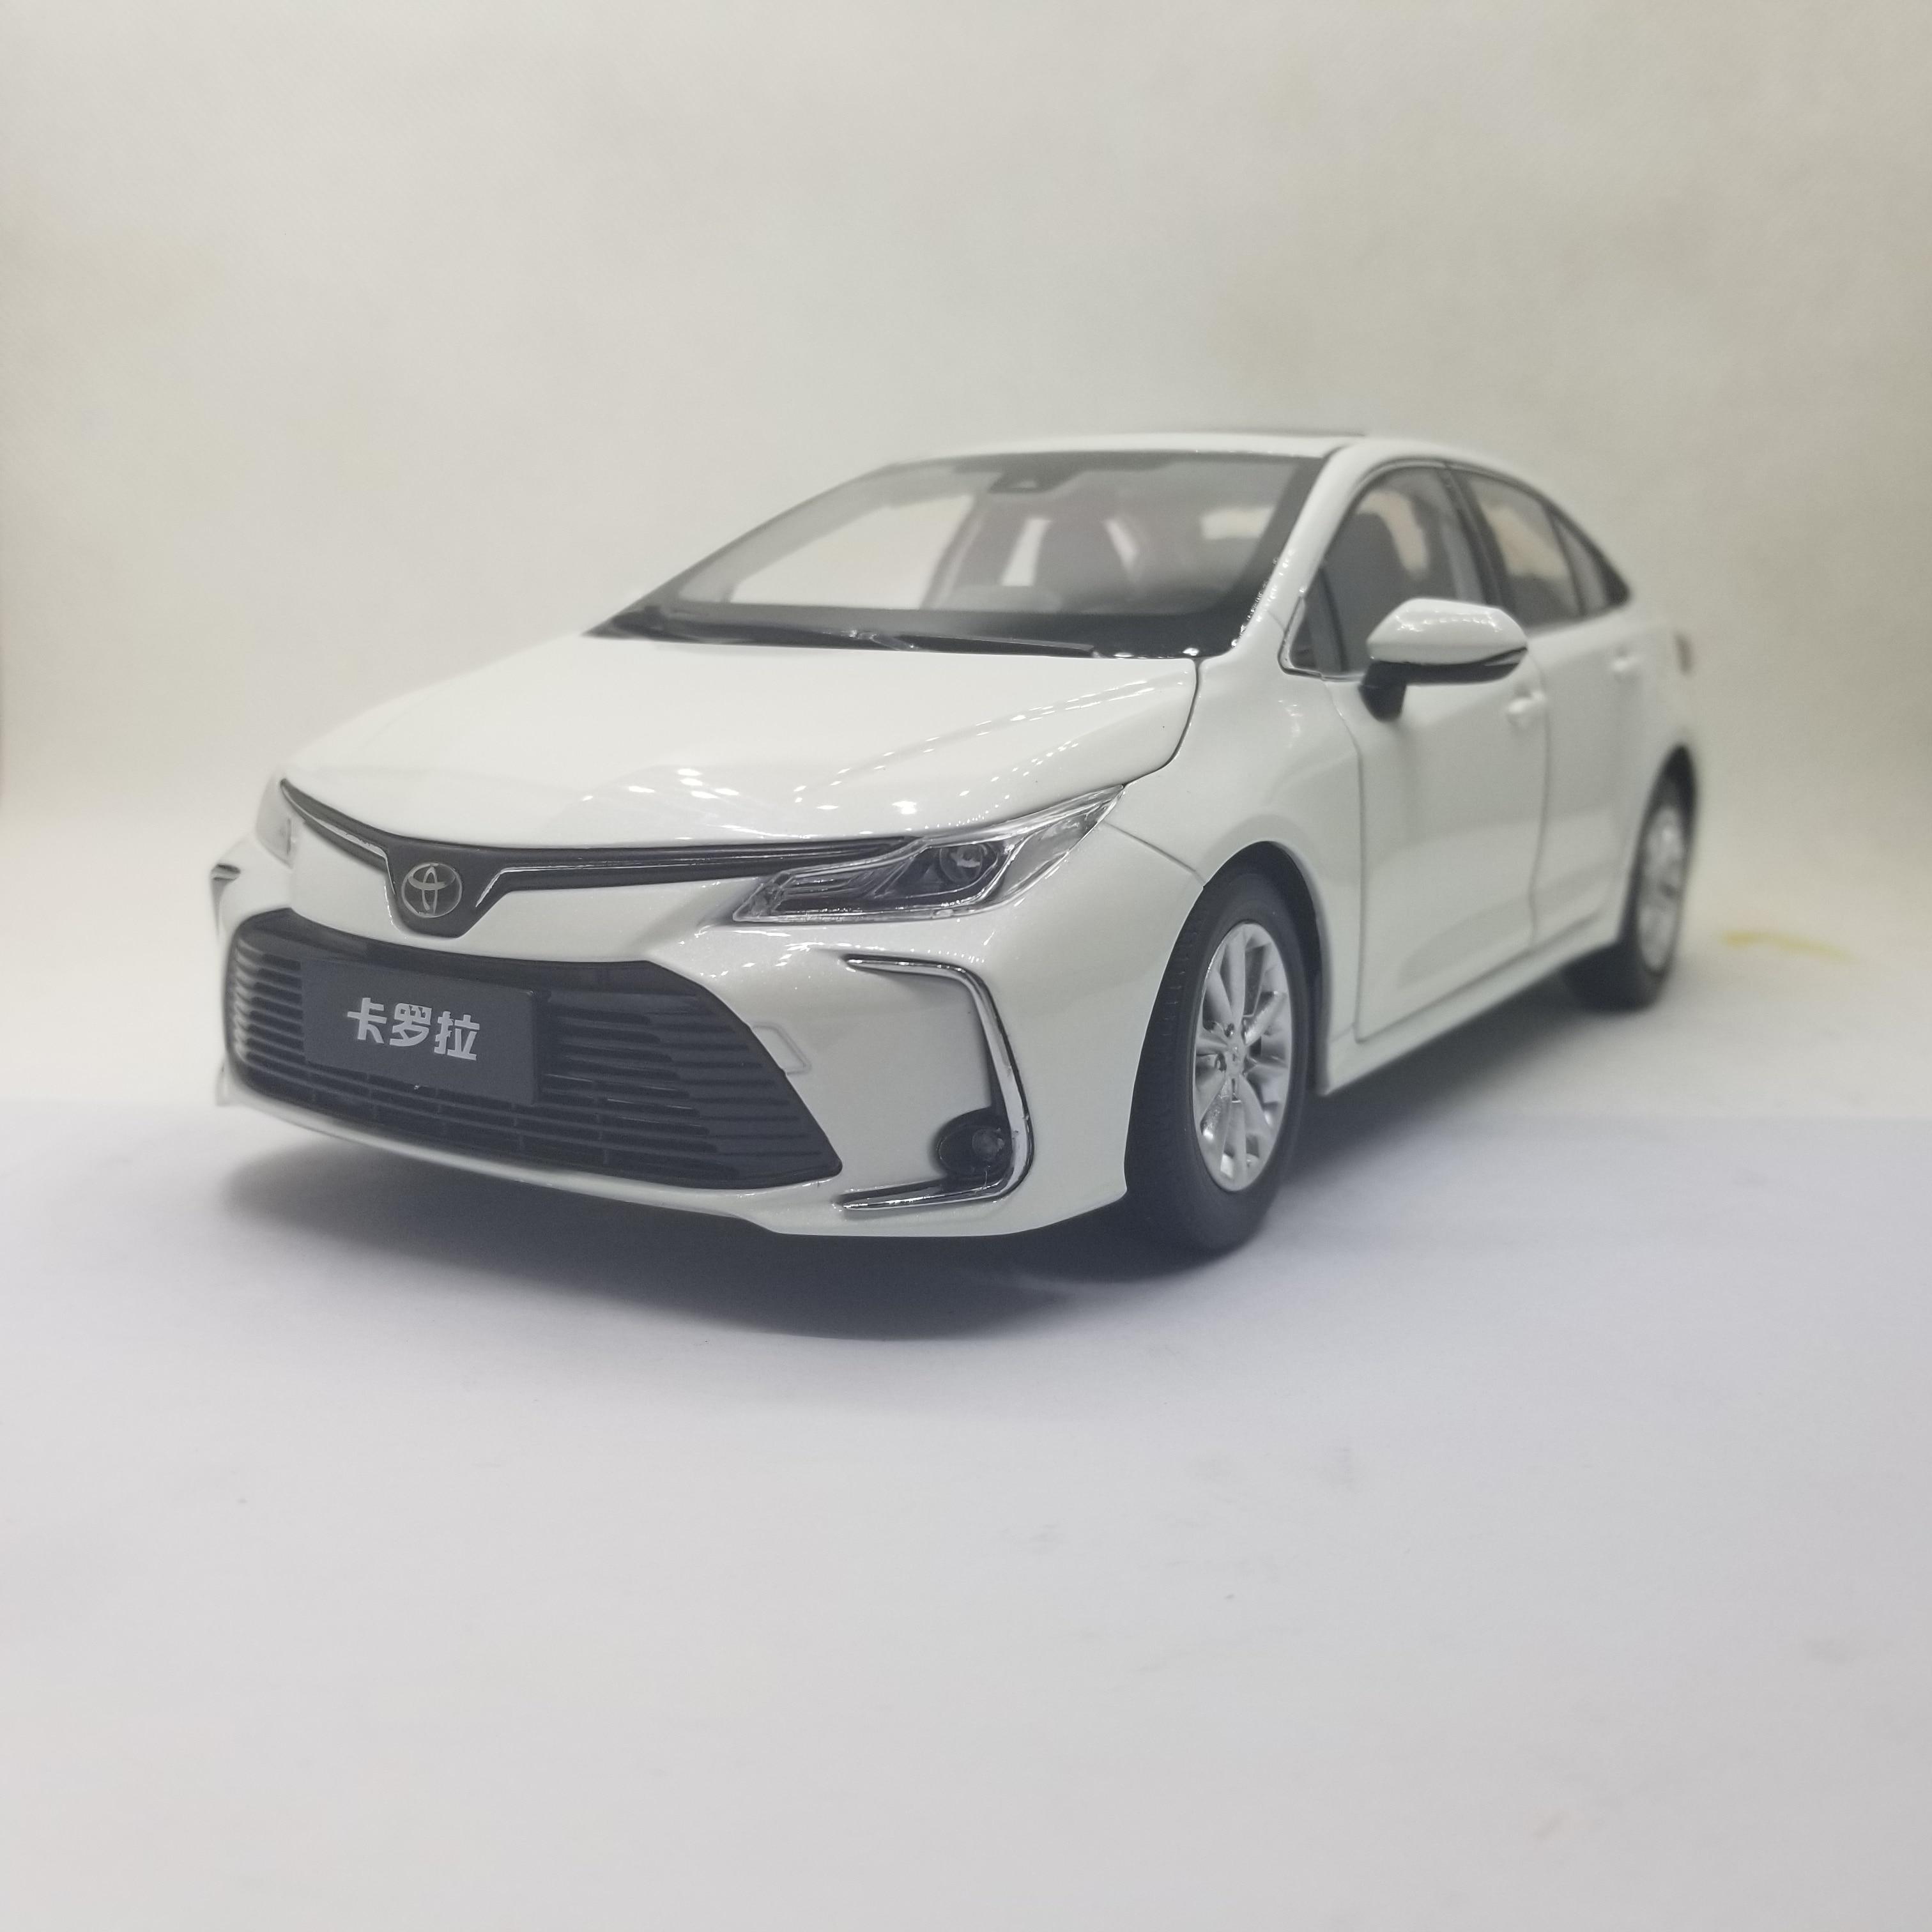 1:18 دييكاست نموذج لتويوتا كورولا 2019 الأبيض سيدان لعبة معدنيّة سيارة مصغرة جمع الهدايا حار بيع Altis